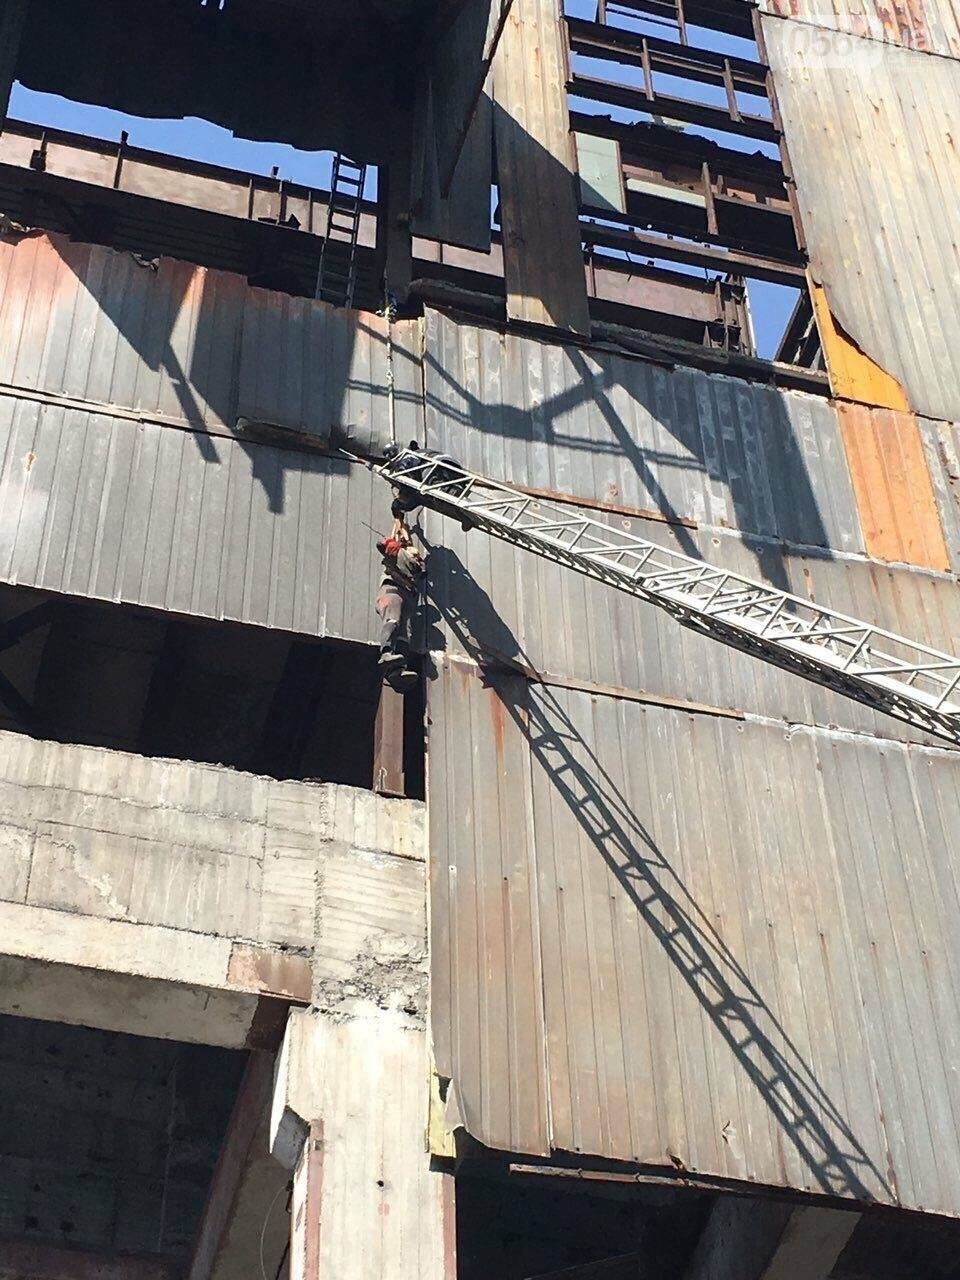 В Кривом Роге на заброшенном здании обнаружили труп мужчины, - ФОТО, ВИДЕО 18+, фото-2